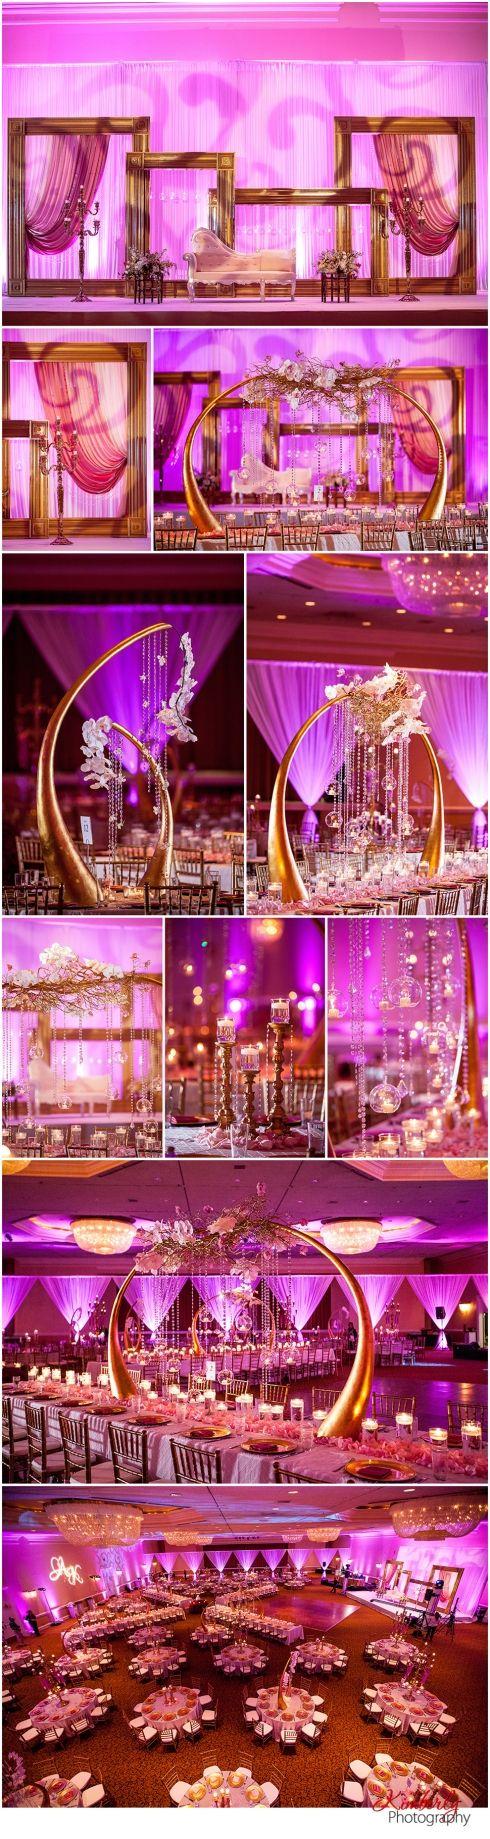 Tampa Wedding Photography | Eventos, Boda y Fiestas